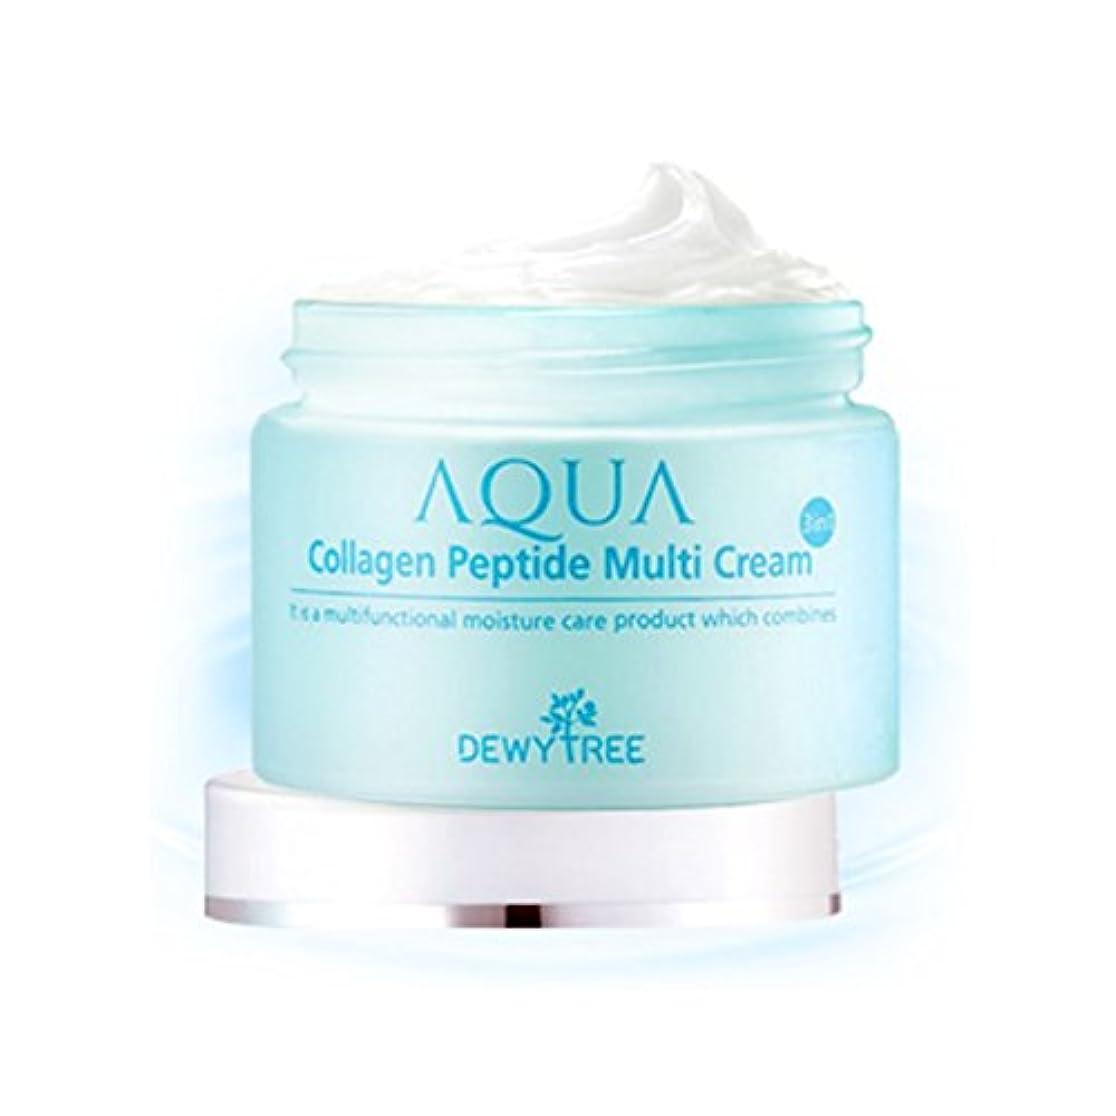 より多いスキル勇気[Dewytree] デュイトゥリー アクアコラーゲン ペプチド マルチクリーム Aqua Collagen Peptide Multi Cream (50ml) / [並行輸入品]